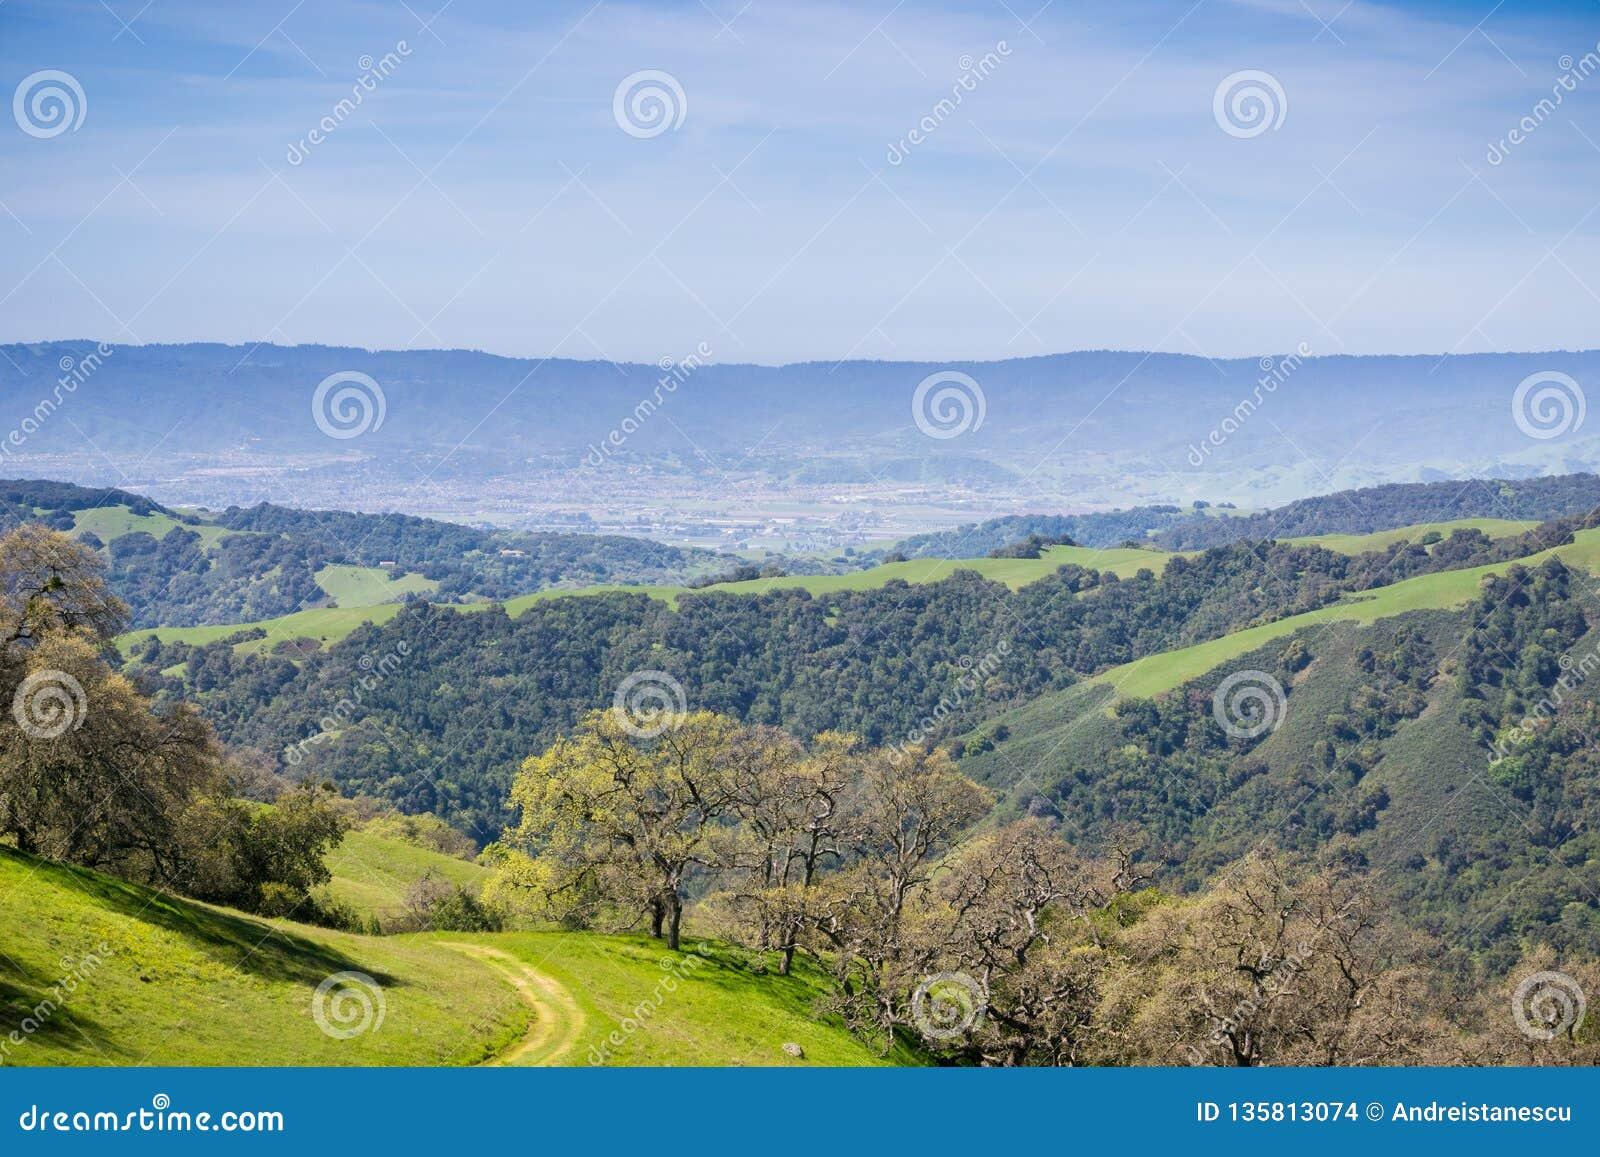 嫩绿的小山和谷在亨利W 柯伊国家公园、看法往摩根山丘和圣马丁省,加利福尼亚